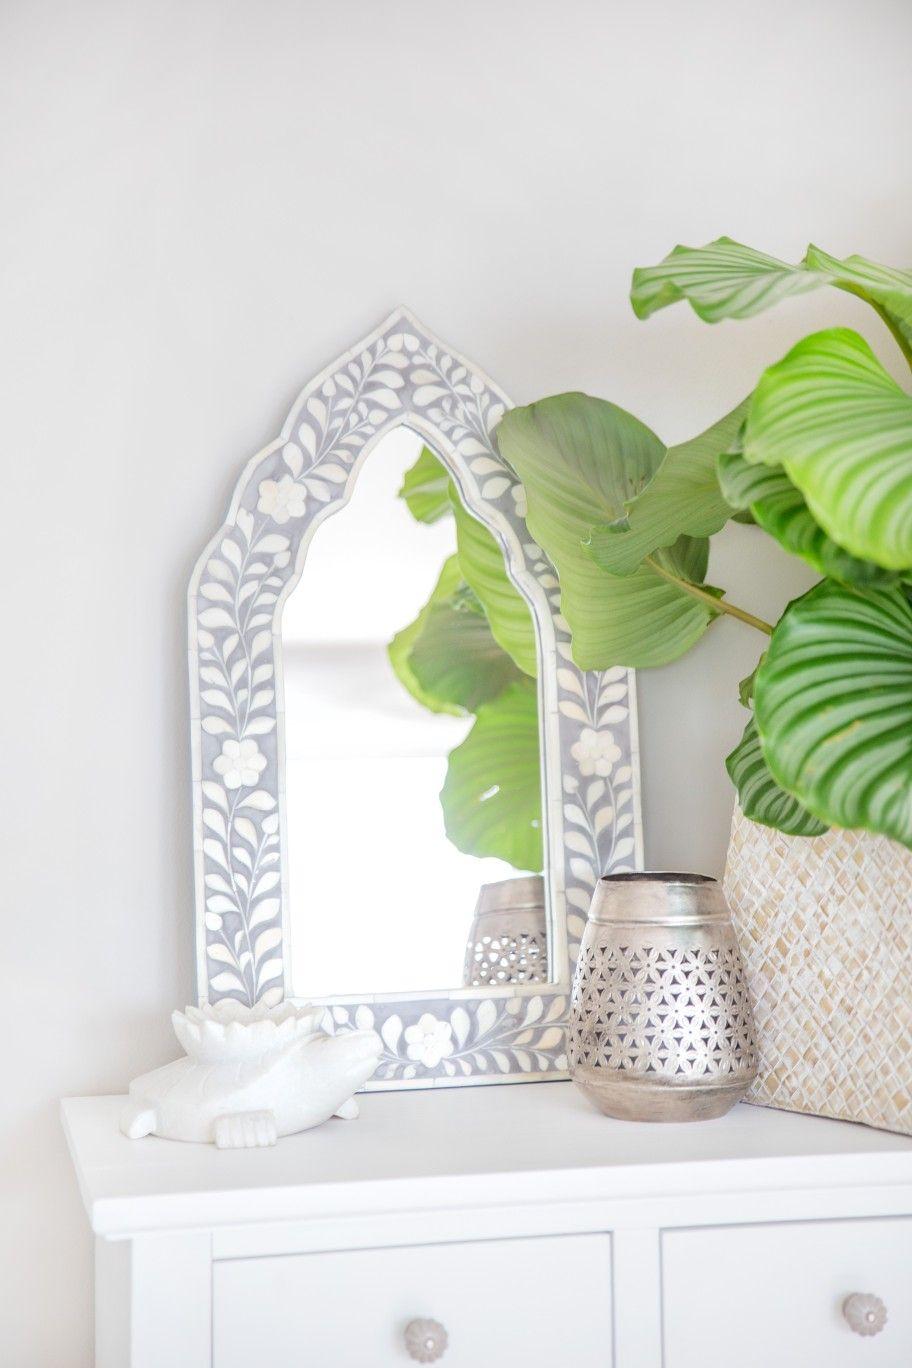 Zauberhafte Intarsien Spiegel geben Deinem Zuhause ein individuelles ...